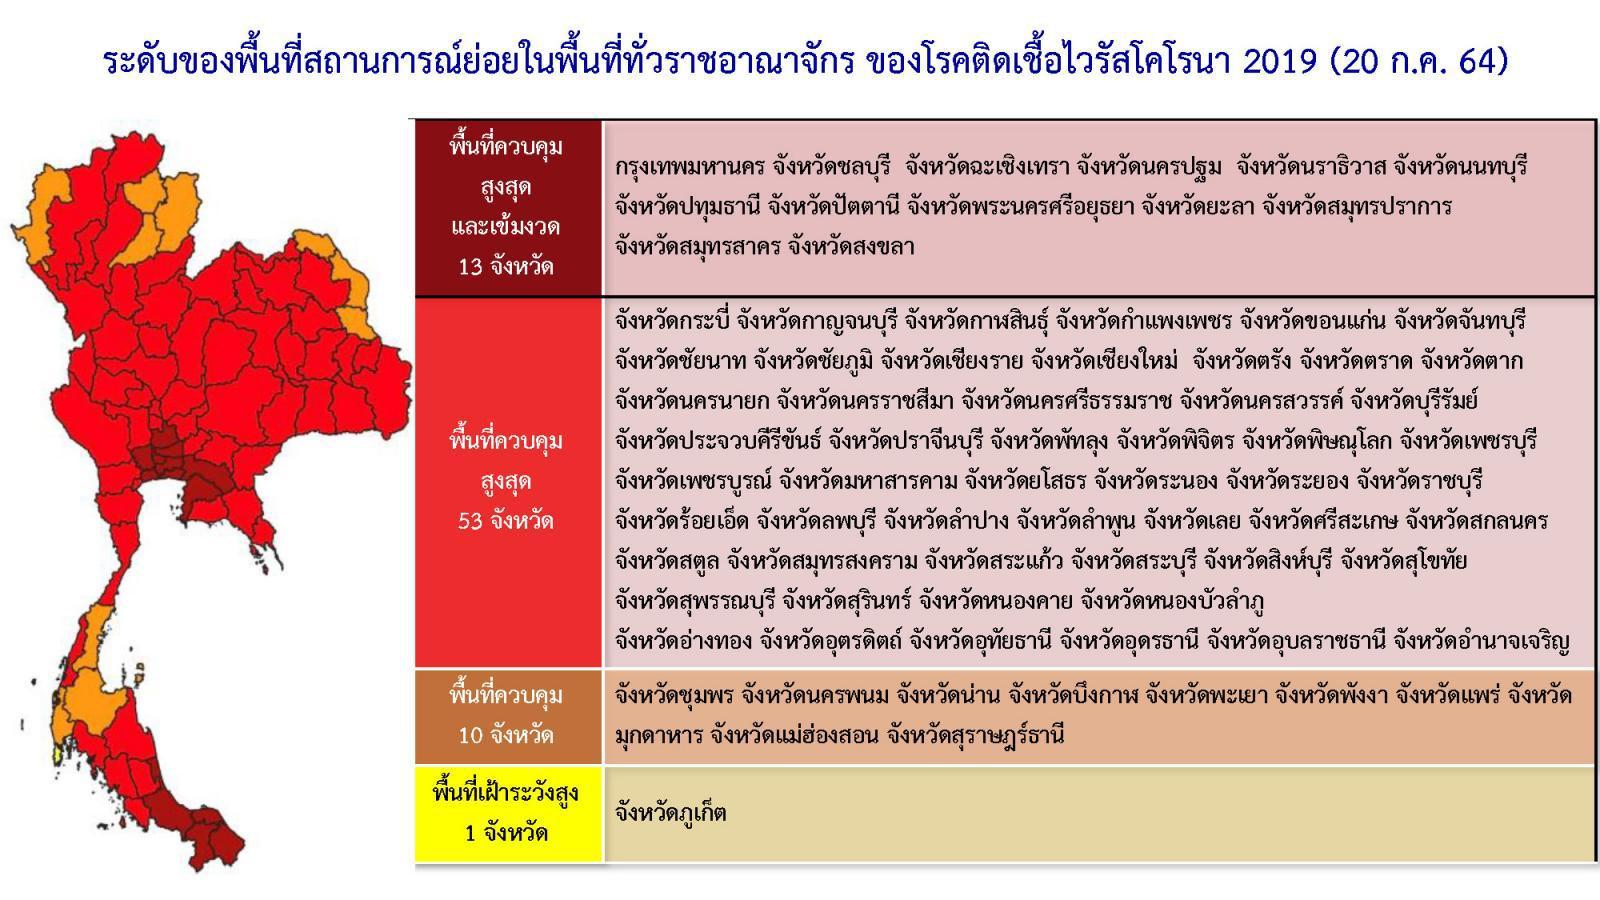 มหาดไทย ไฟเขียว ผู้ว่าฯ 13 จว.สีแดงเข้ม พิจารณาปิดสถานที่เสี่ยงโควิด ตามเห็นสมควร